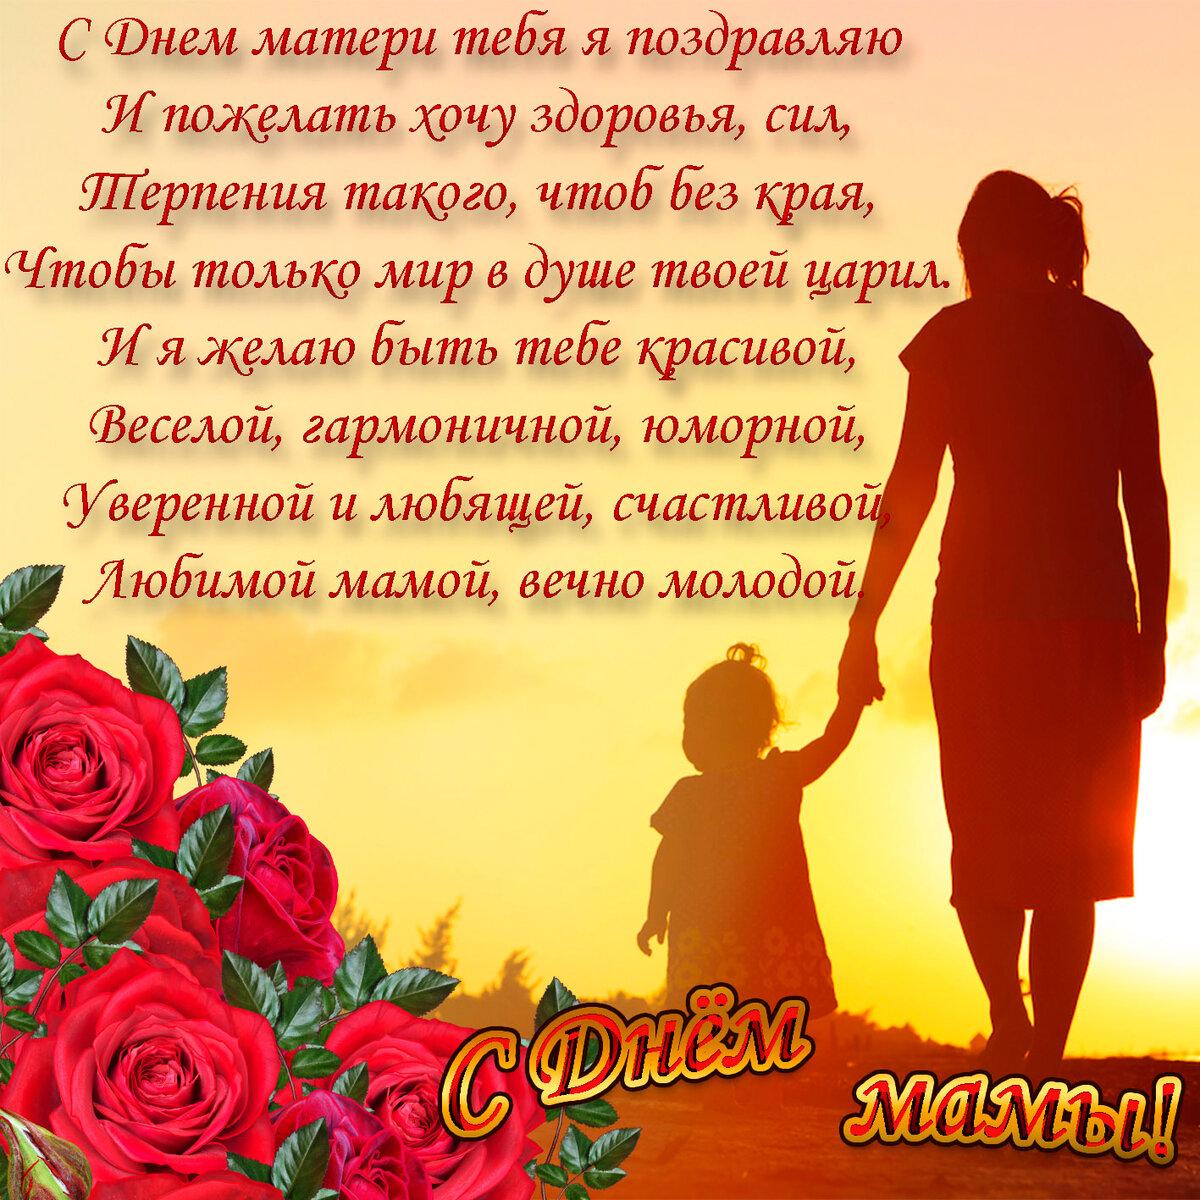 С днем матери подруге поздравления в стихах